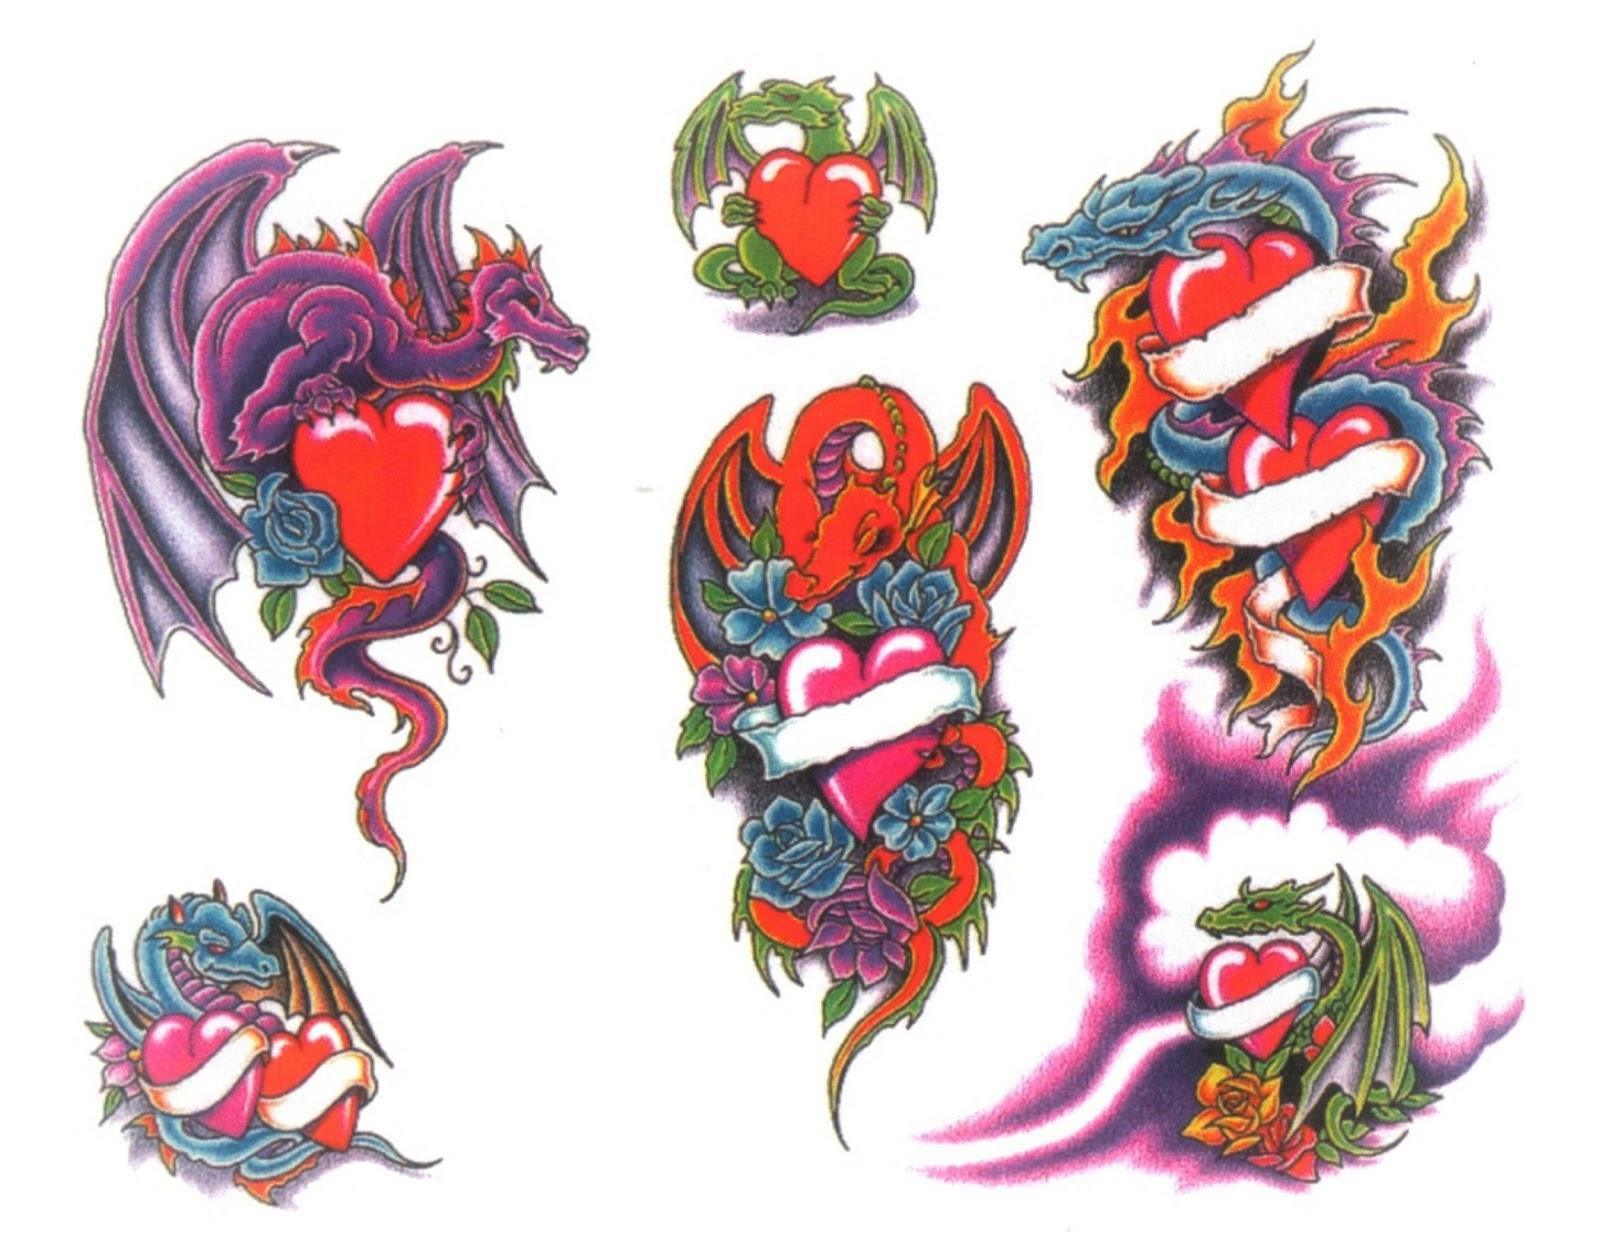 http://3.bp.blogspot.com/-U-QcMYru33w/T0mdE53KPMI/AAAAAAAABxU/rosiYjahzRw/s1600/dragons_tattoo-47.jpg